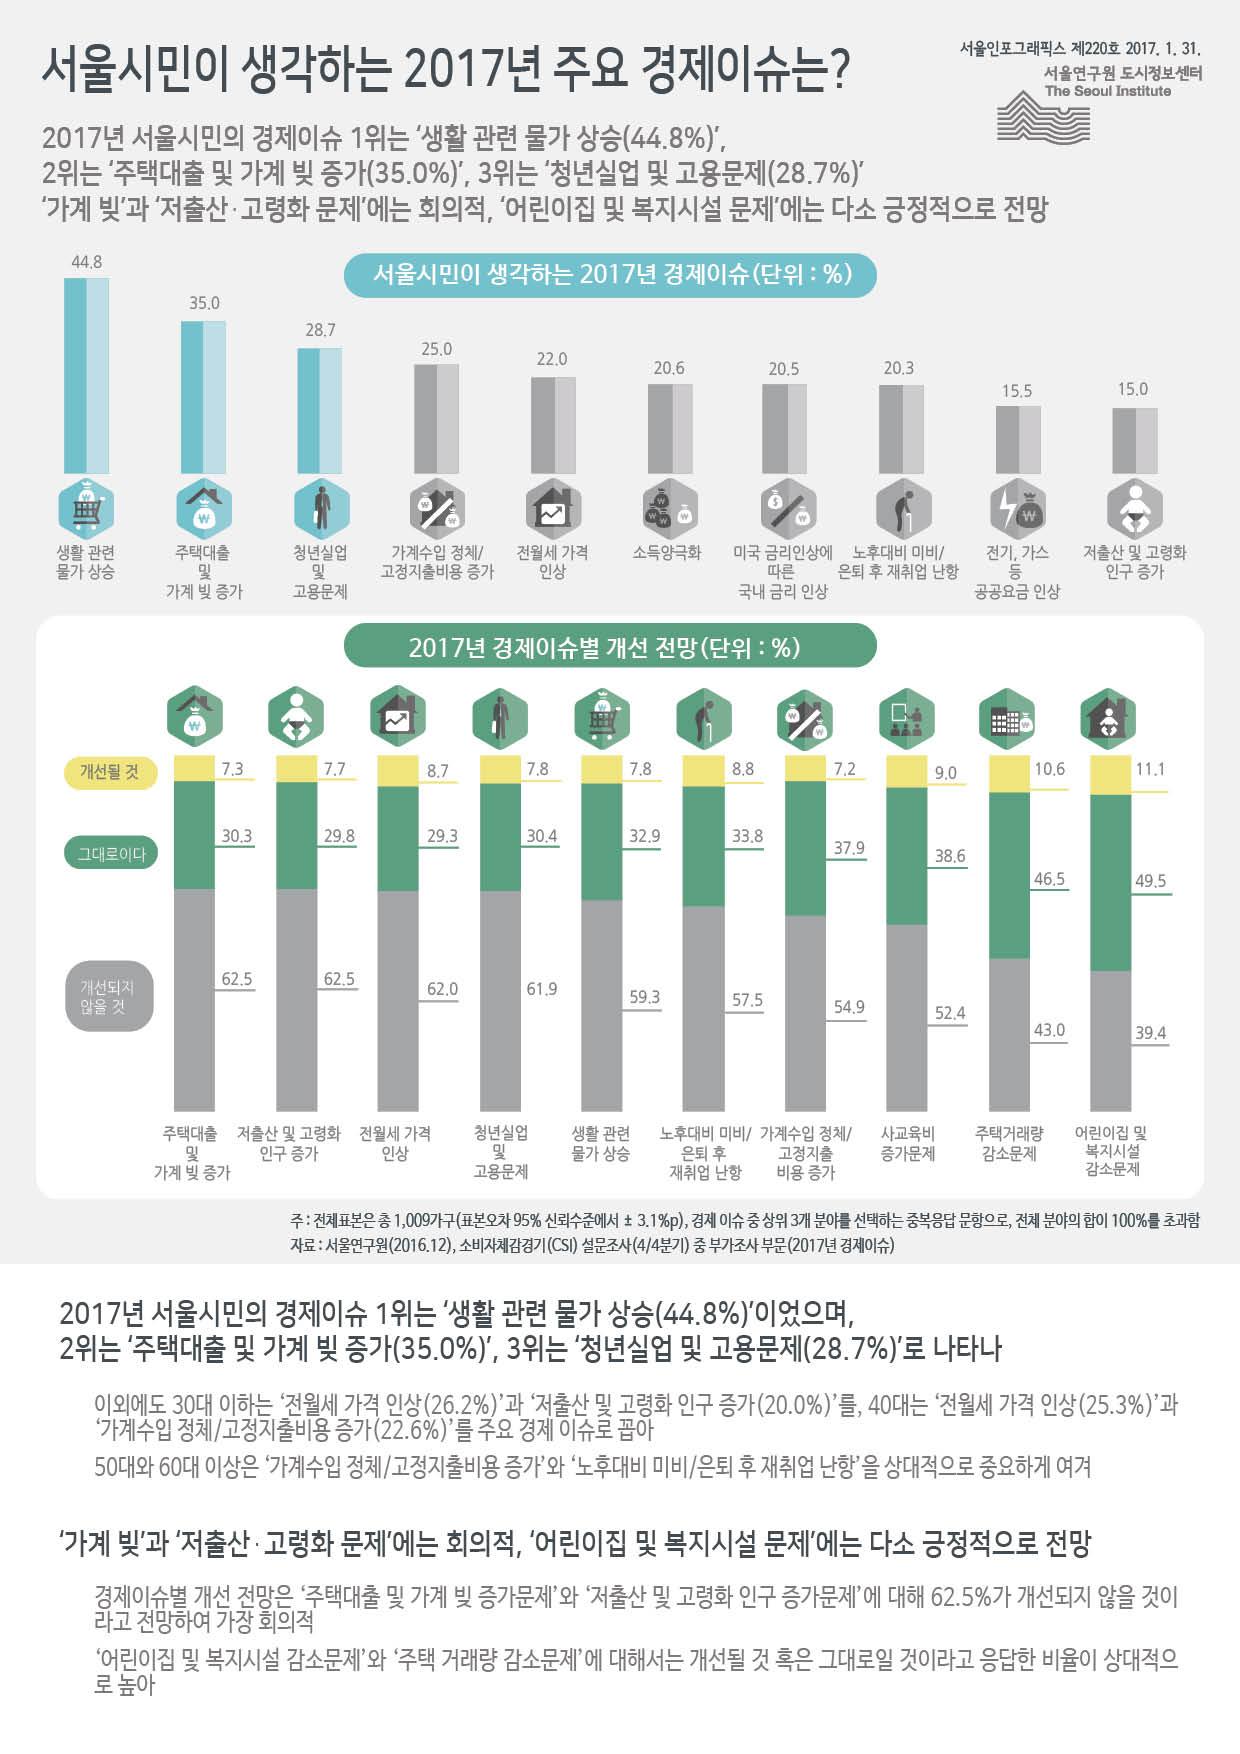 서울시민이 생각하는 2017년 주요 경제이슈는? 서울인포그래픽스 제220호 2017년 1월 31일 2017년 서울시민의 경제이슈 1위는 '생활 관련 물가 상승(44.8%)', 2위는 '주택대출 및 가계 빚 증가(35.0%)', 3위는 '청년실업 및 고용문제(28.7%)' '가계 빚'과 '저출산・고령화 문제'에는 회의적, '어린이집 및 복지시설 문제'에는 다소 긍정적으로 전망으로 정리 될 수 있습니다. 인포그래픽으로 제공되는 그래픽은 하단에 표로 자세히 제공됩니다.